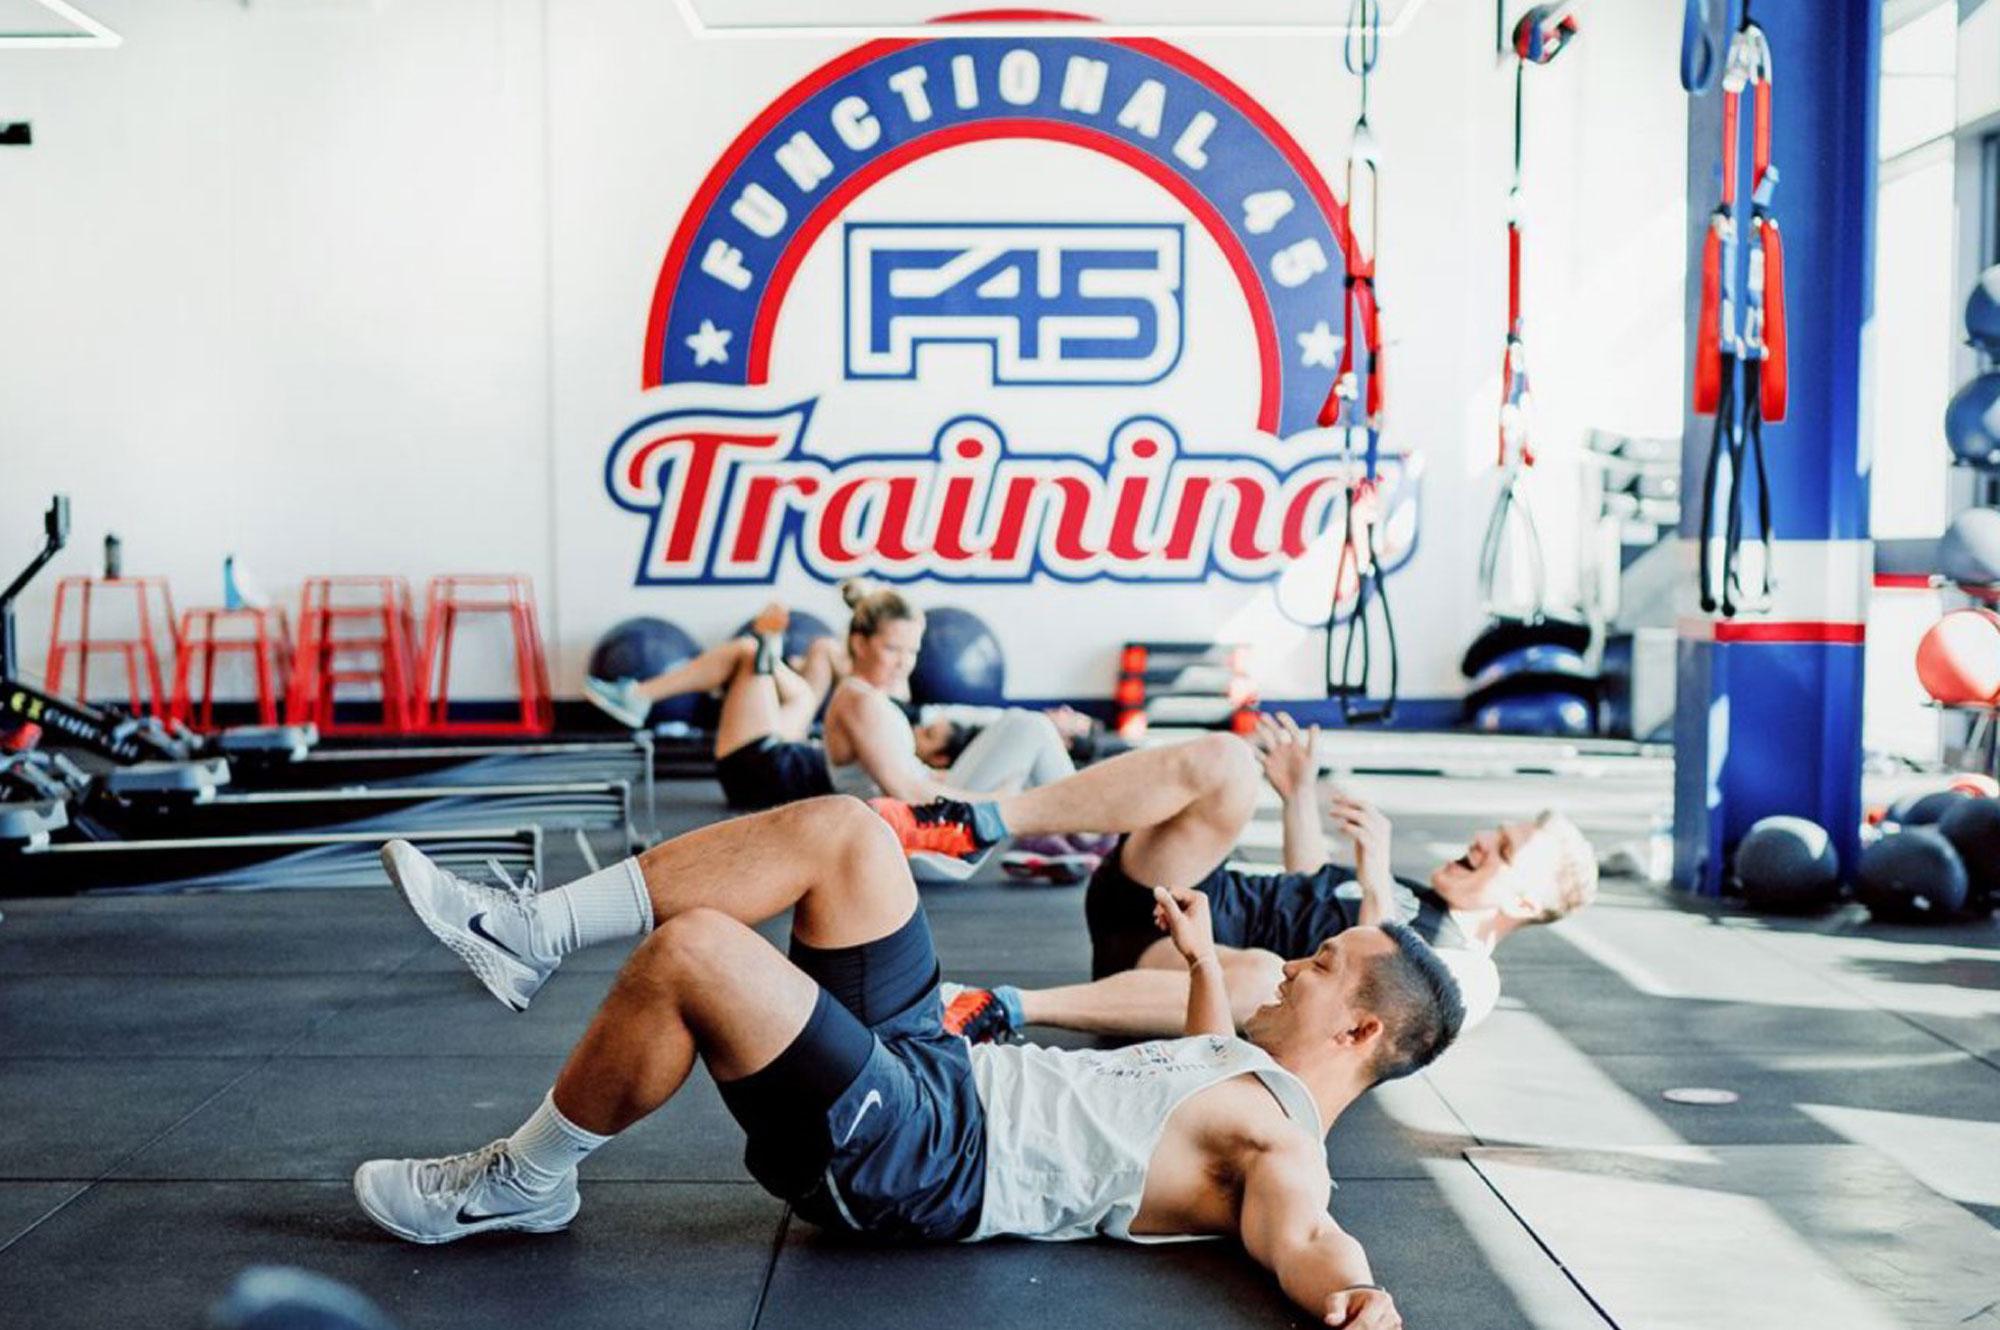 F45 Gym